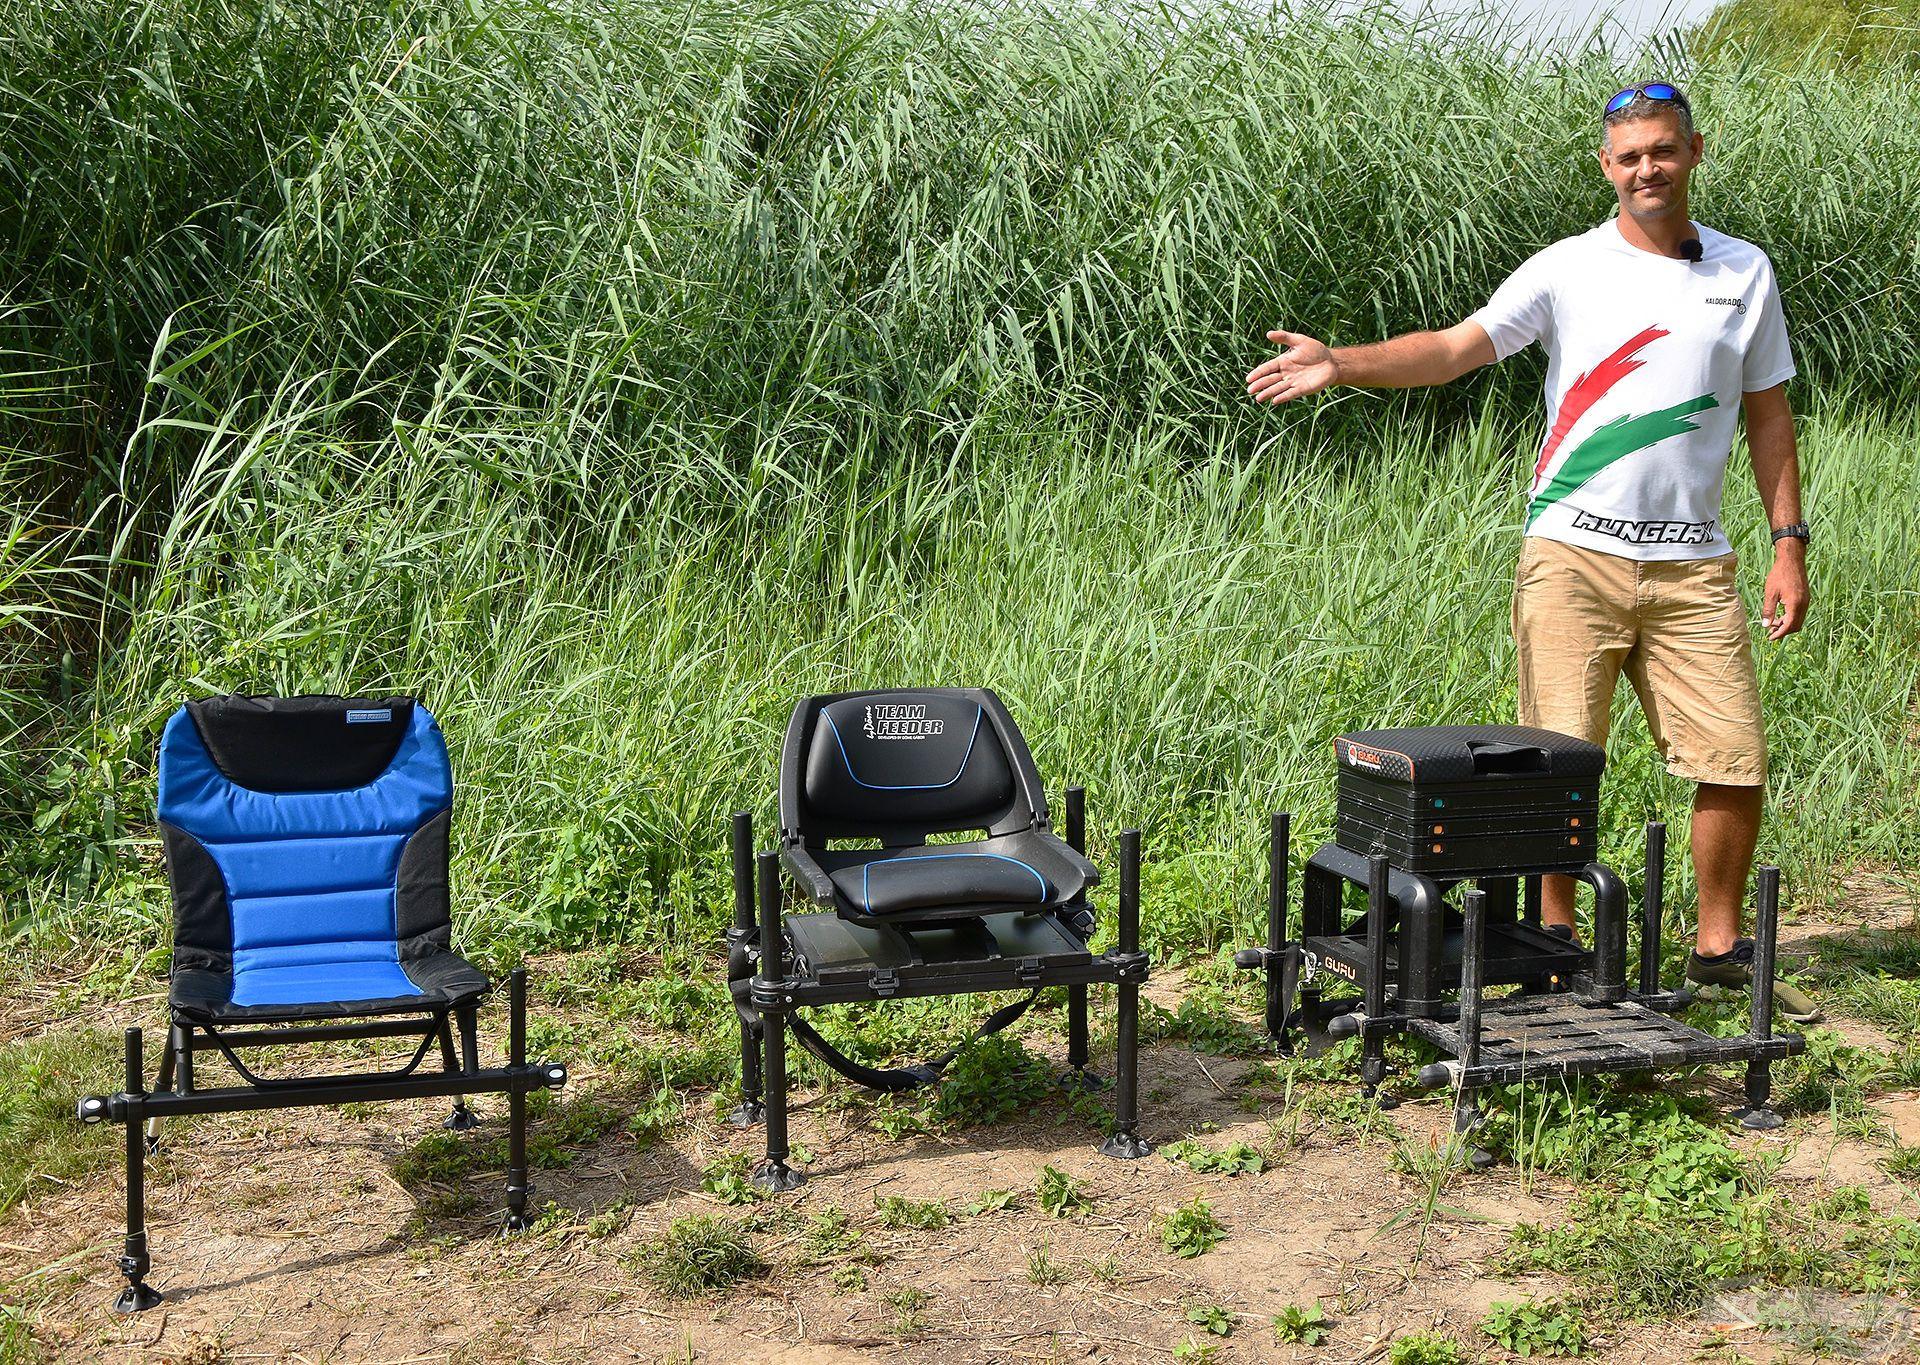 Versenyládákra, Rotary Boxra és moduláris, kerek lábbal ellátott székekre, fotelekre is felhelyezhetők a Haldorádó láda kiegészítők